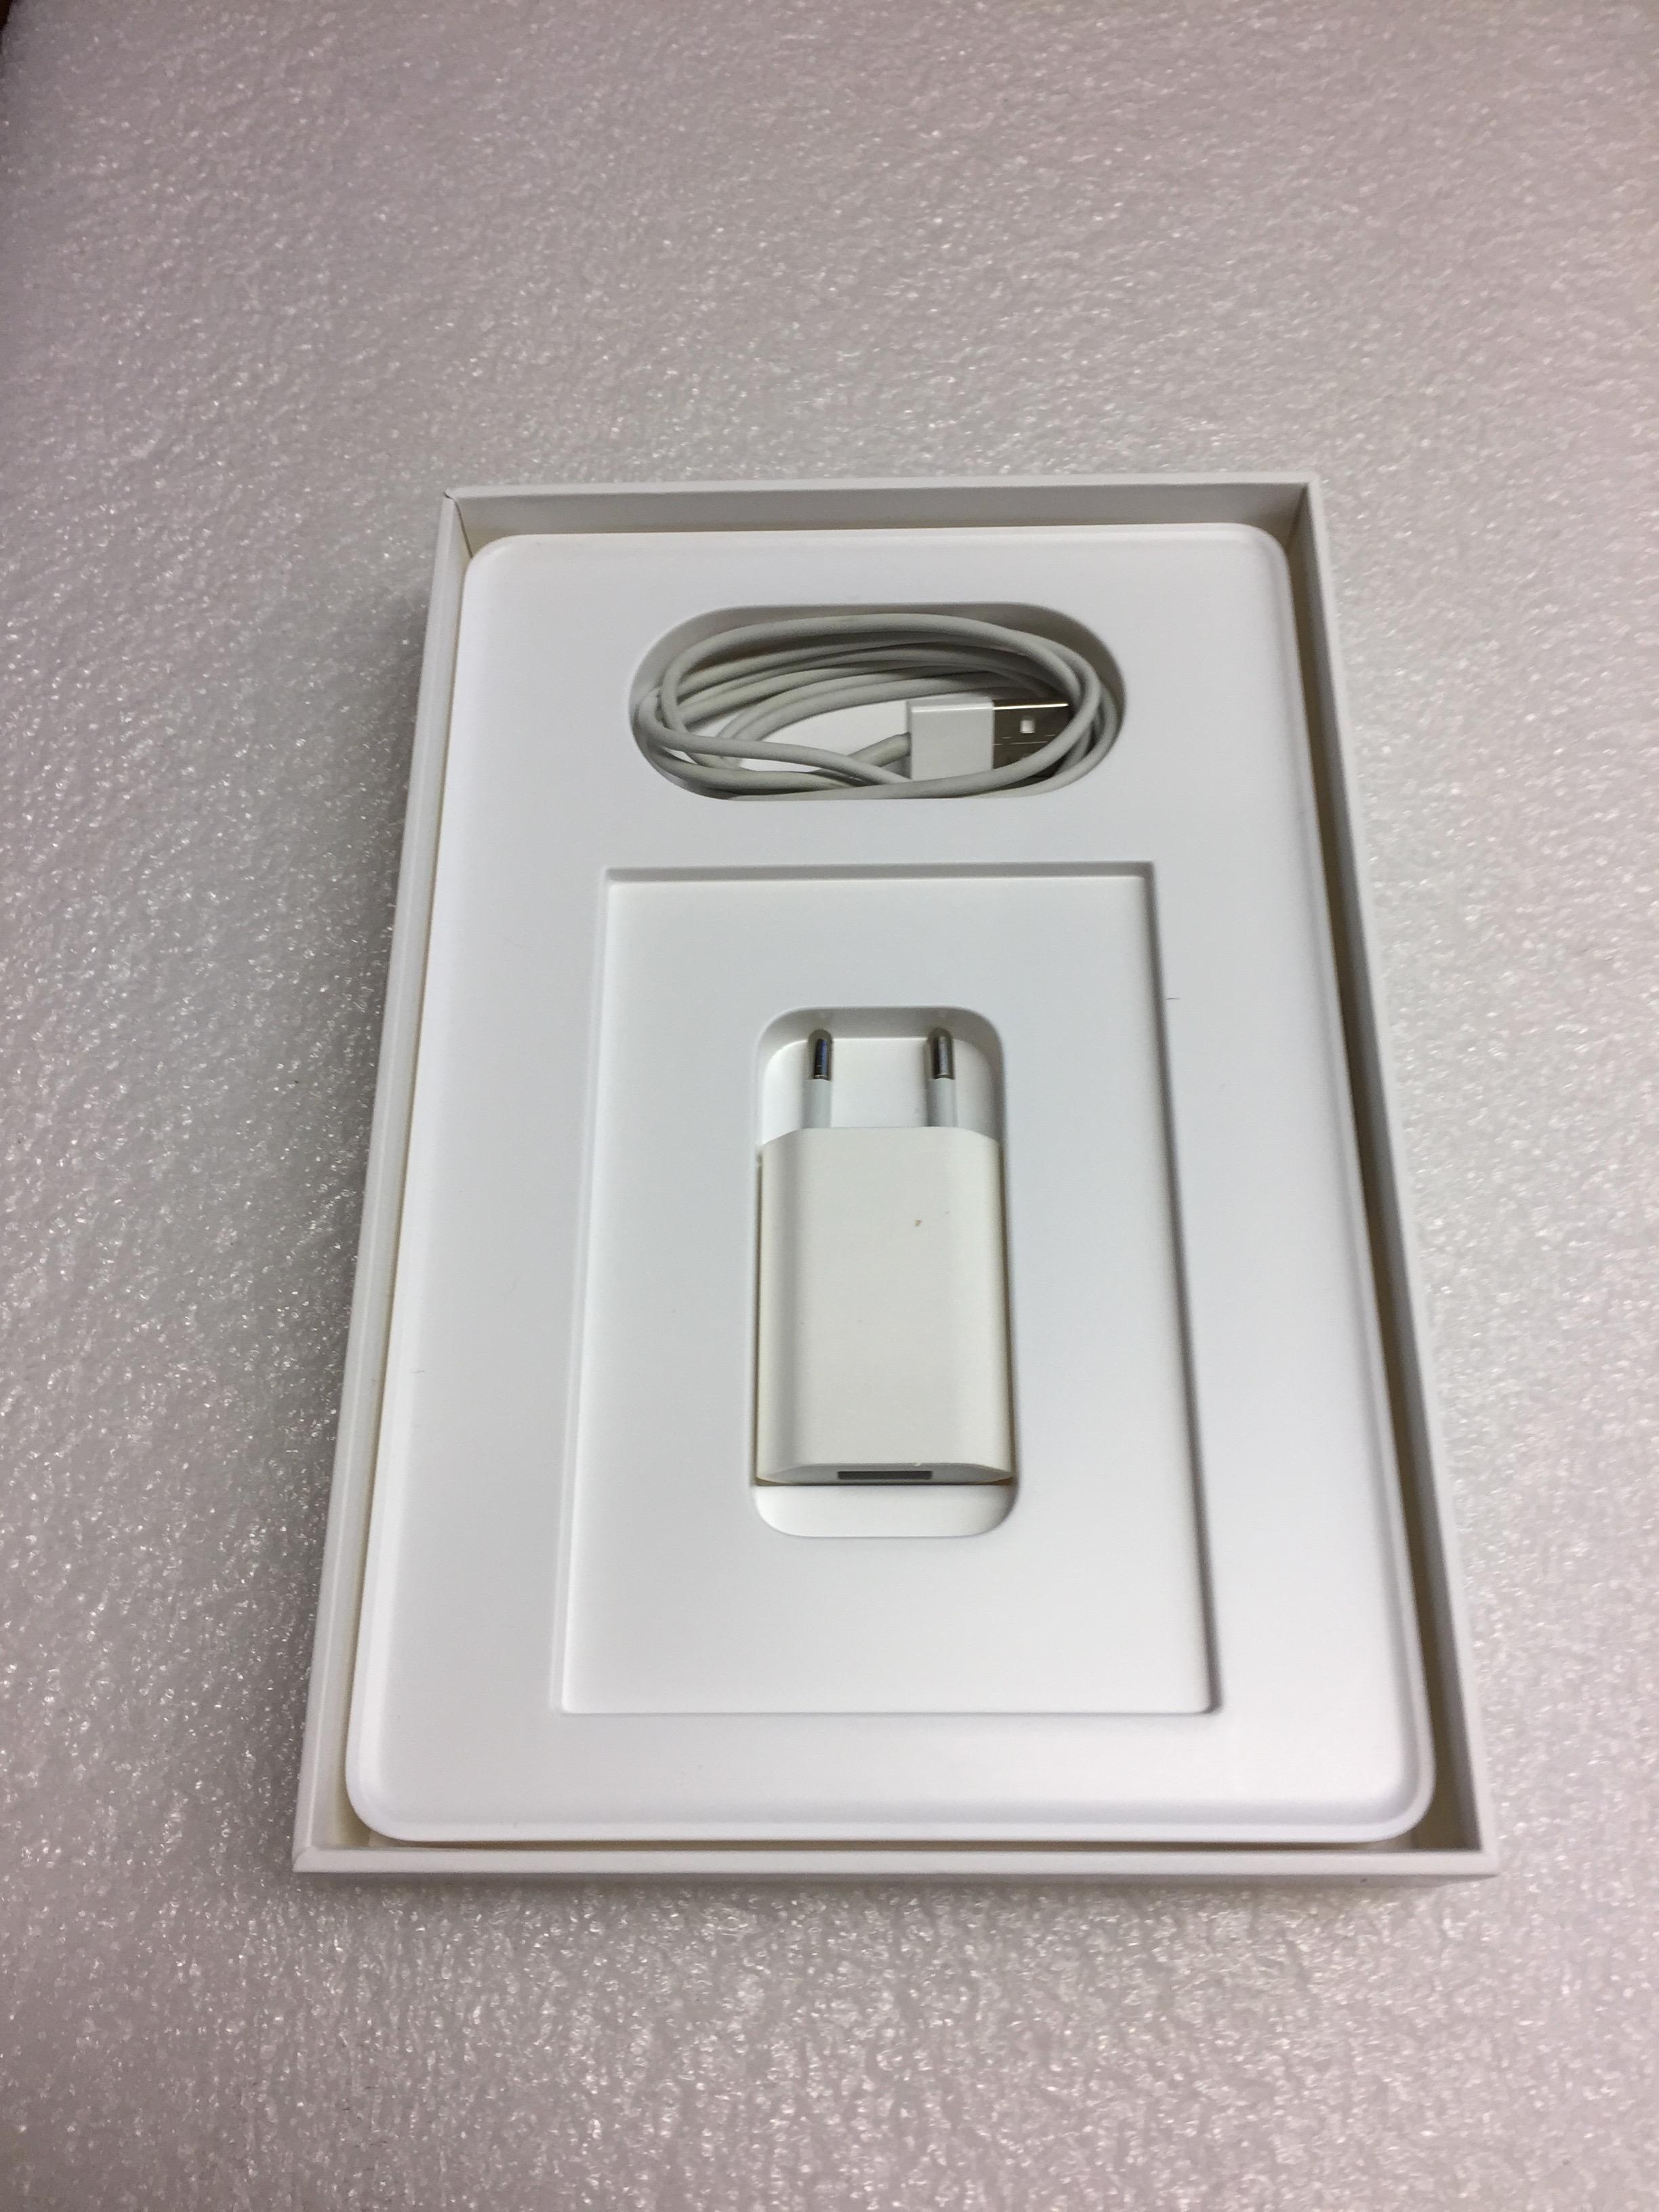 iPad mini Wi-Fi 16GB, 16 GB, Gray, imagen 3